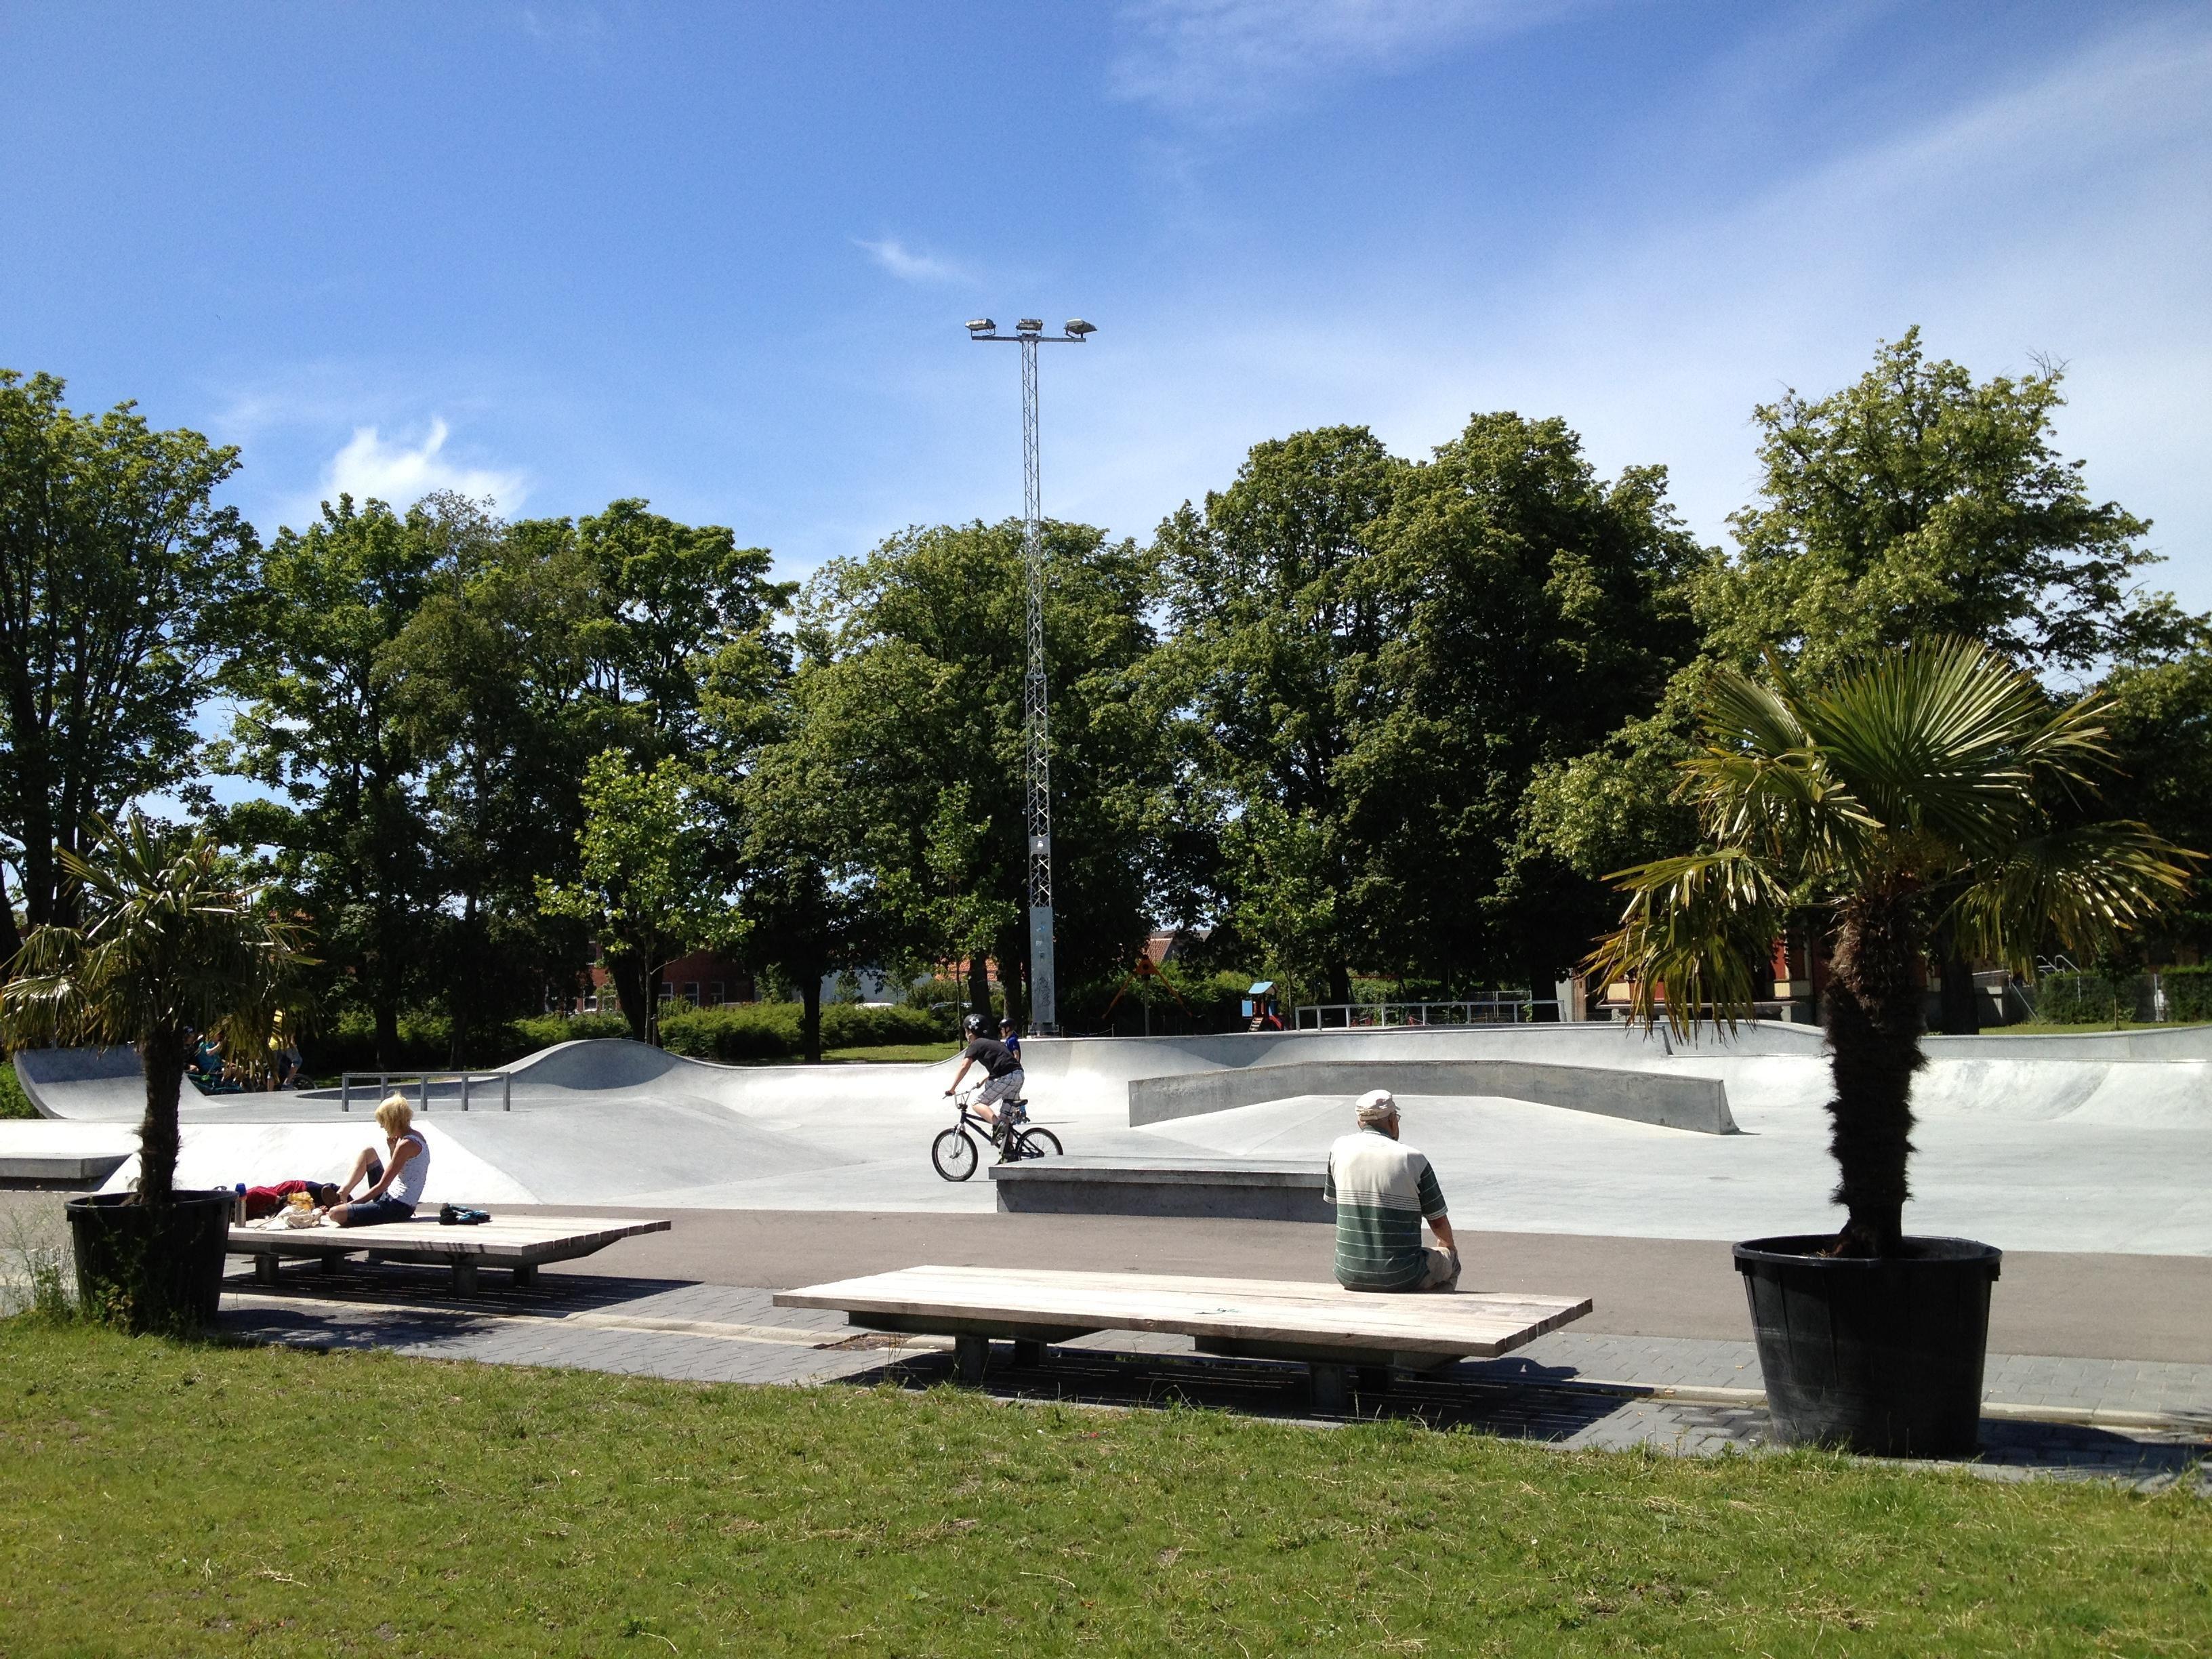 Generationsparken / Skatepark